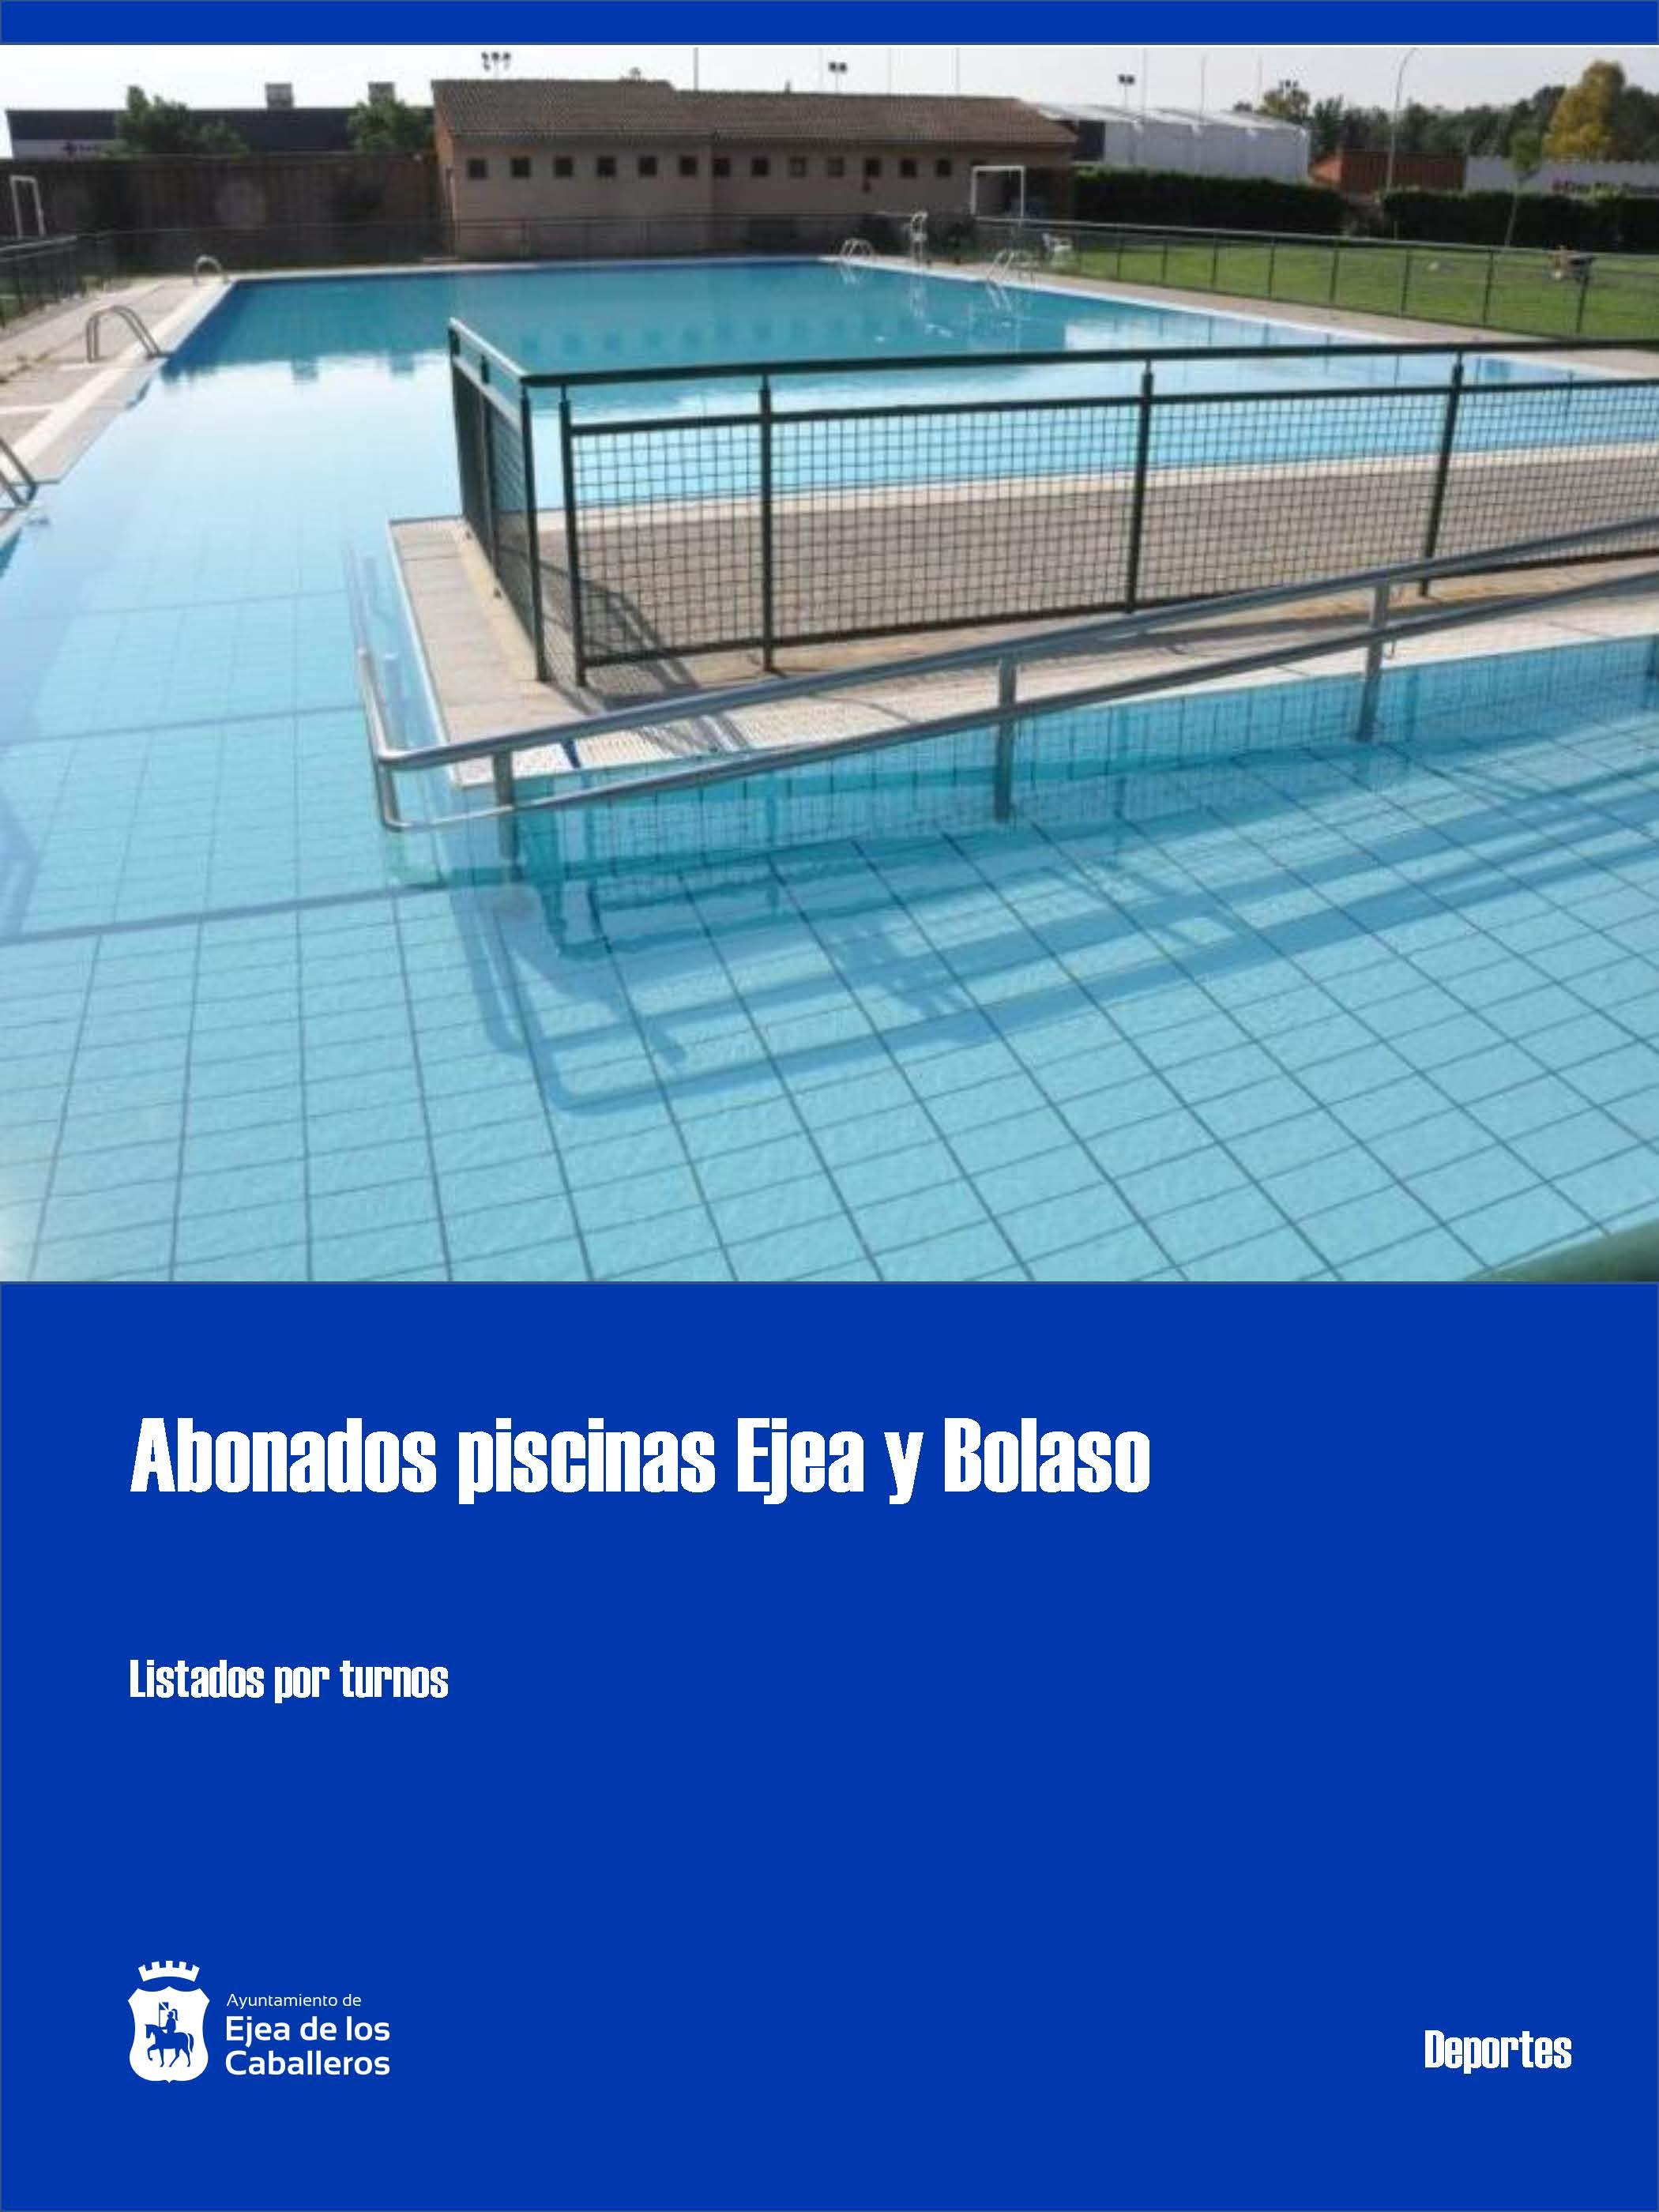 Abonados piscinas Ejea y Bolaso 2020